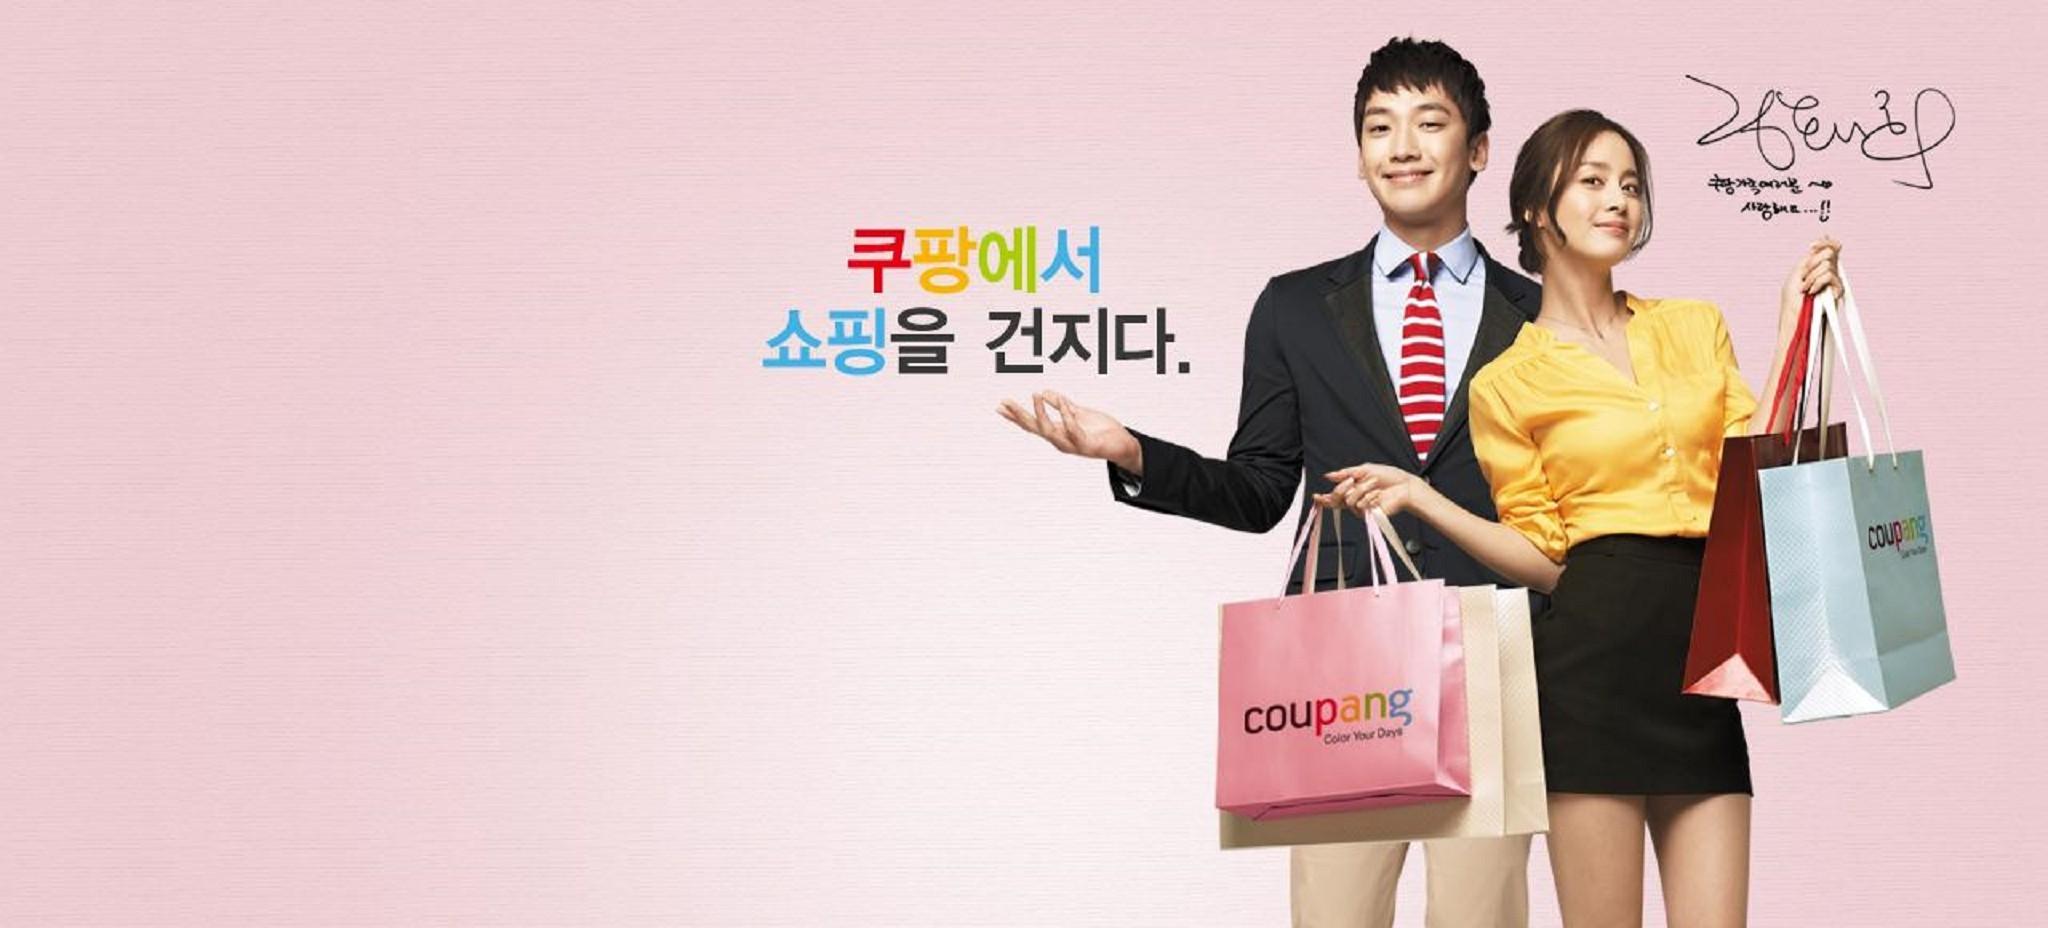 韓國最大電商Coupang,目標超越國際巨頭Amazon